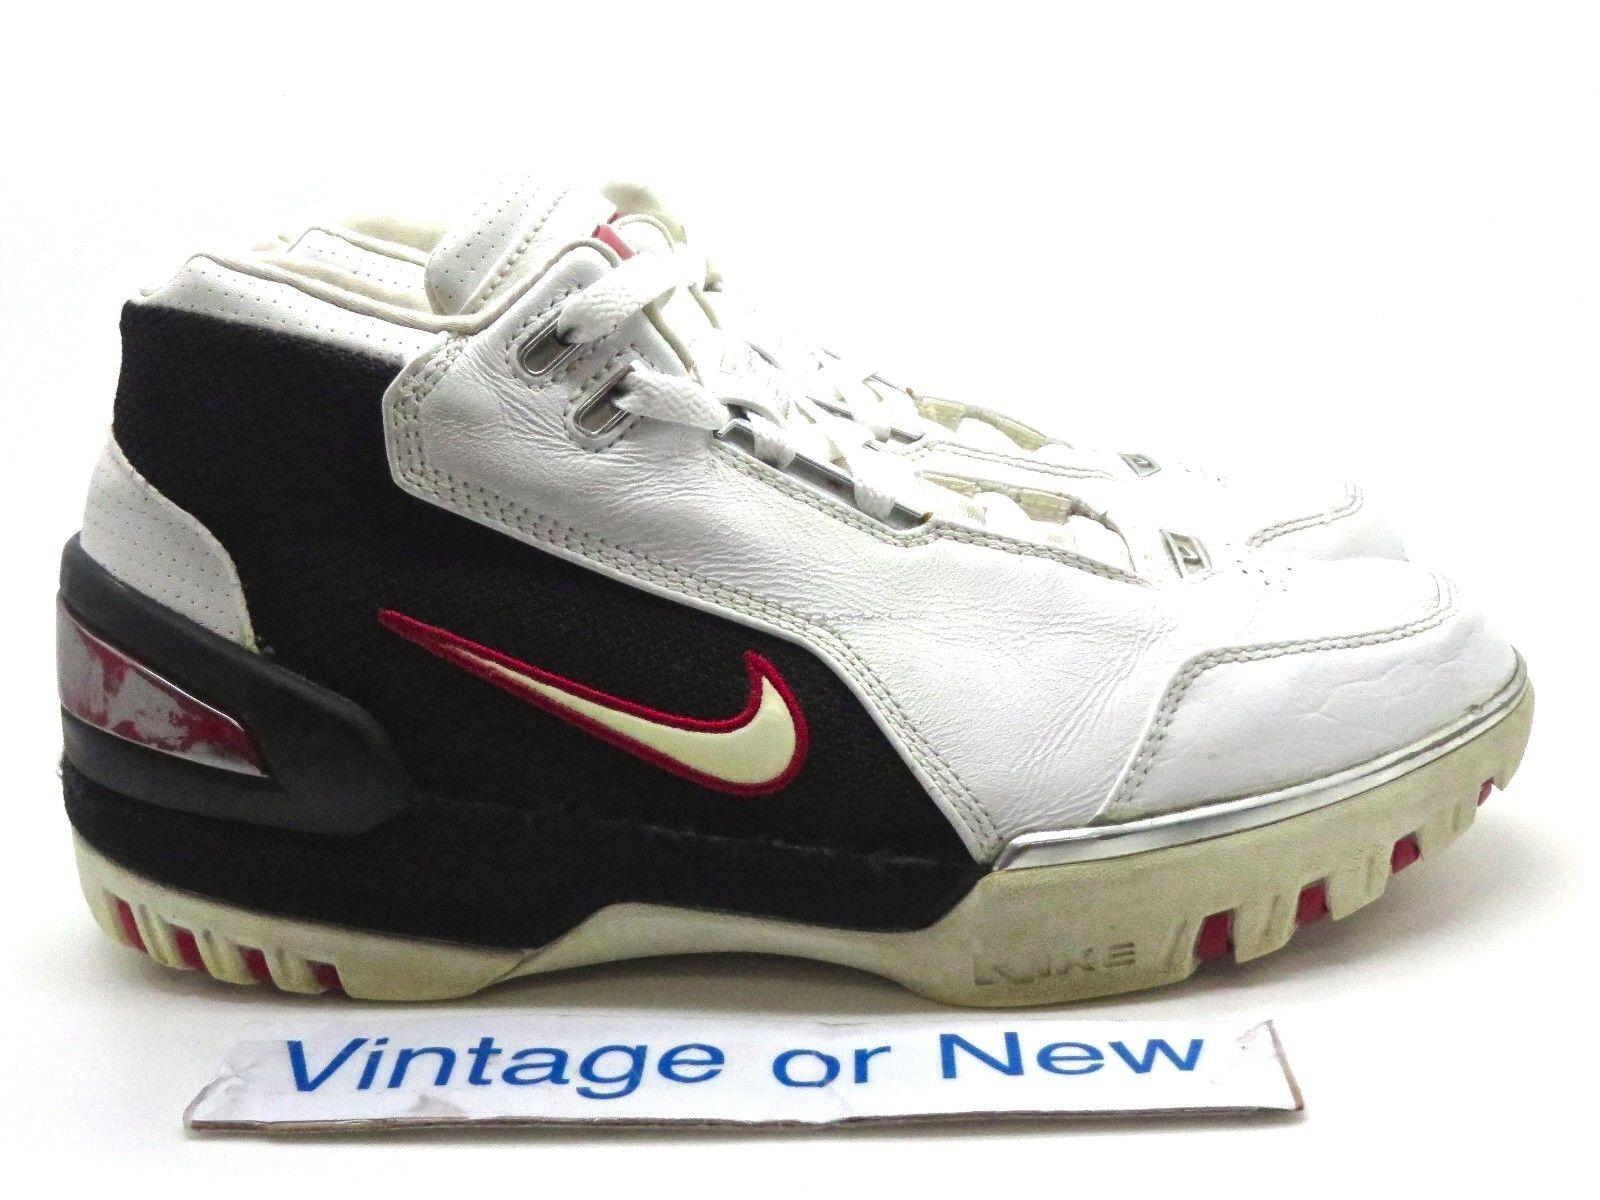 Nike zoom bianco generazione lebron io 1 bianco zoom nero crimson 2003 sz - 8 4c9c46